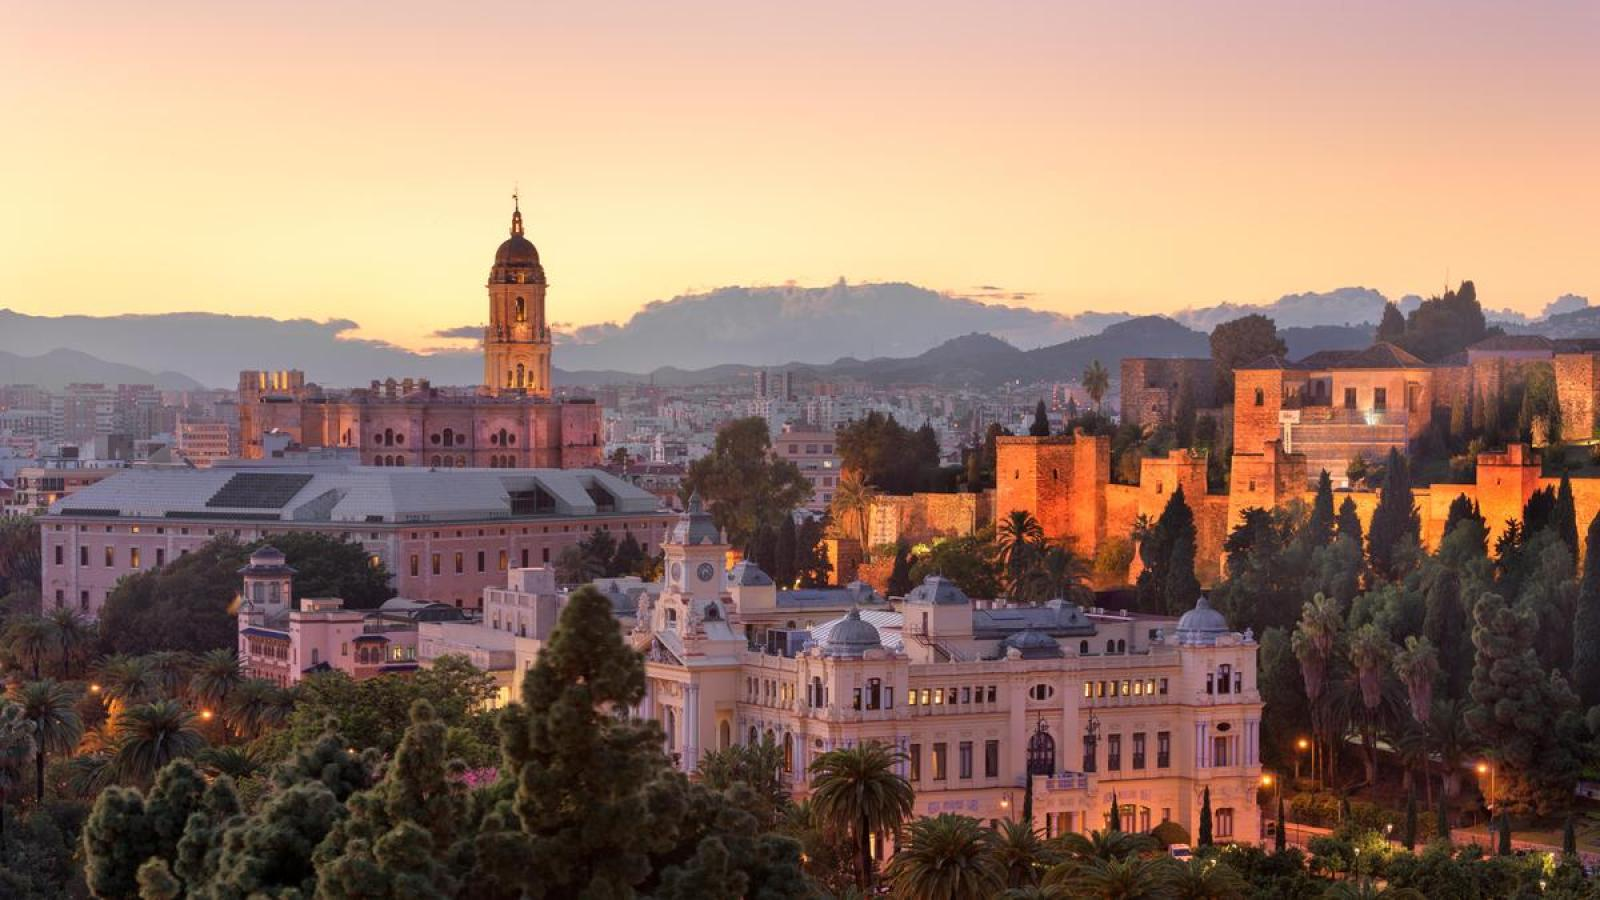 Le Jardin De Saint Adrien Luxe Taxi Transfers From Malaga Airport On the Costa Del sol